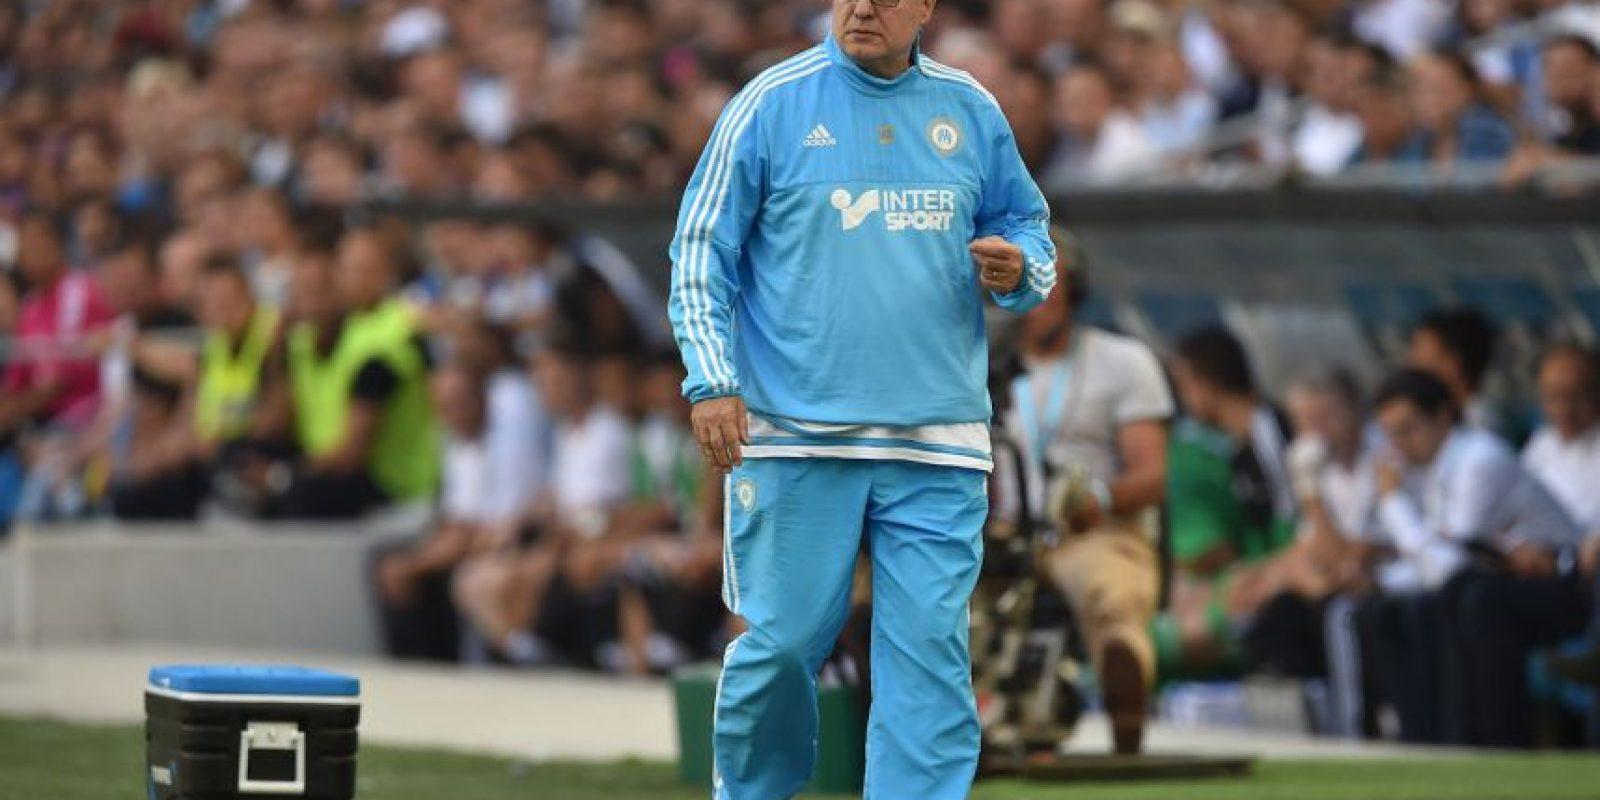 Su último trabajo fue en Olympique de Marsella Foto:Getty Images